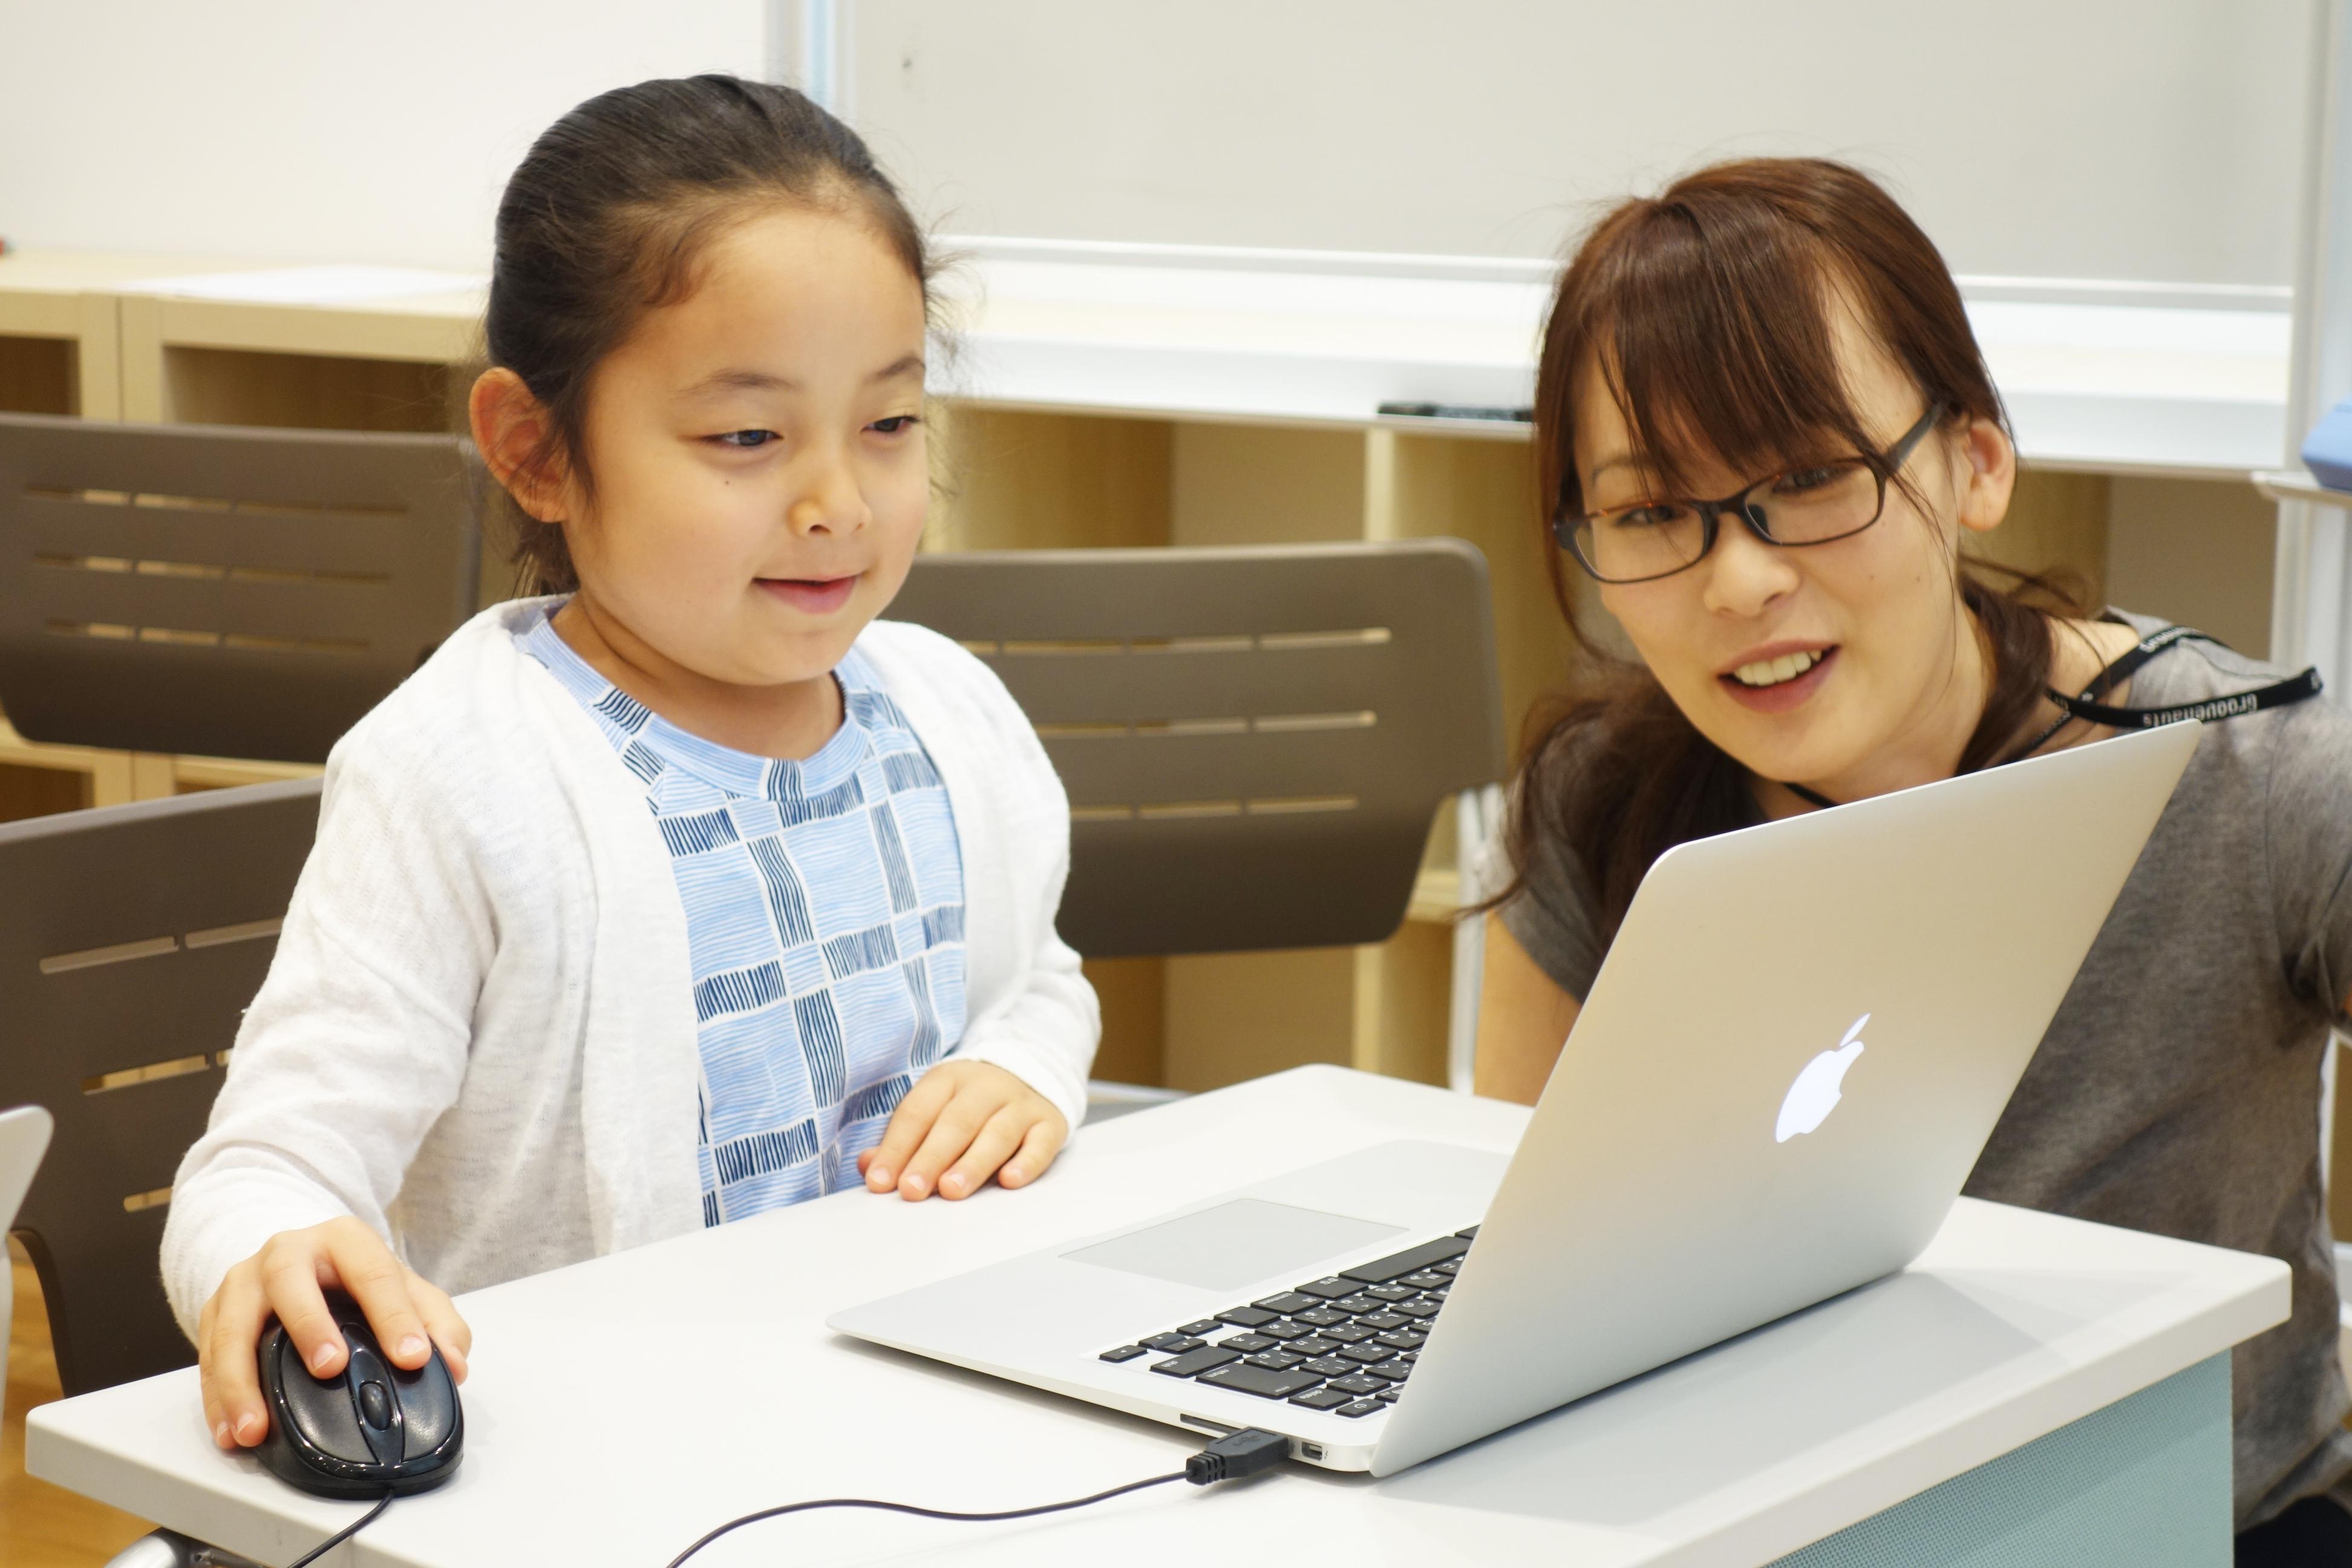 年長〜小学6年 女子限定☆ 11/26(日)に「ガールズプログラミングデー」を開催します